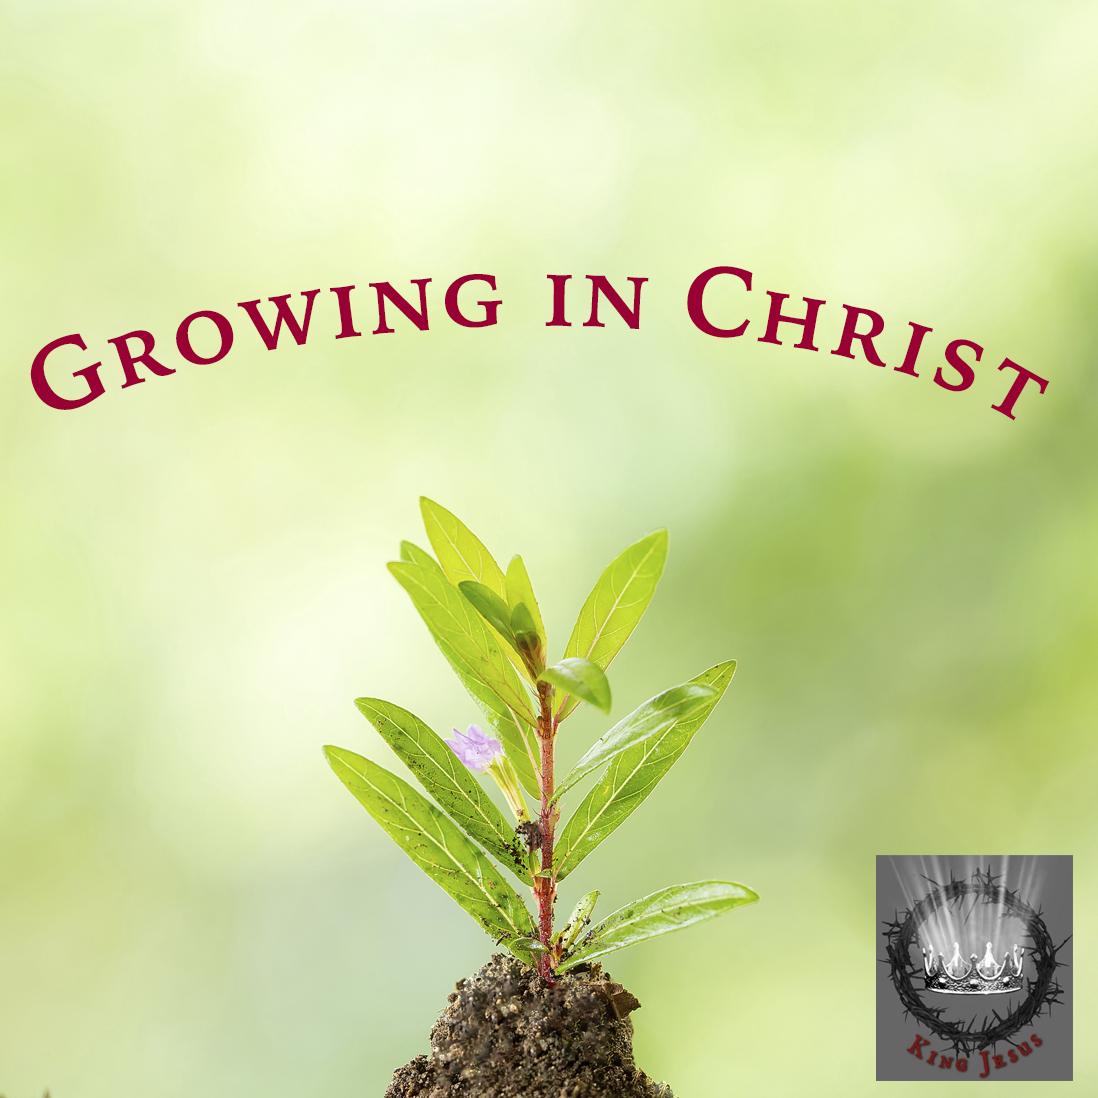 08.22.21 MAKING DISCIPLES OF JESUS  (King Jesus: The Gospel of Matthew- Part 75)